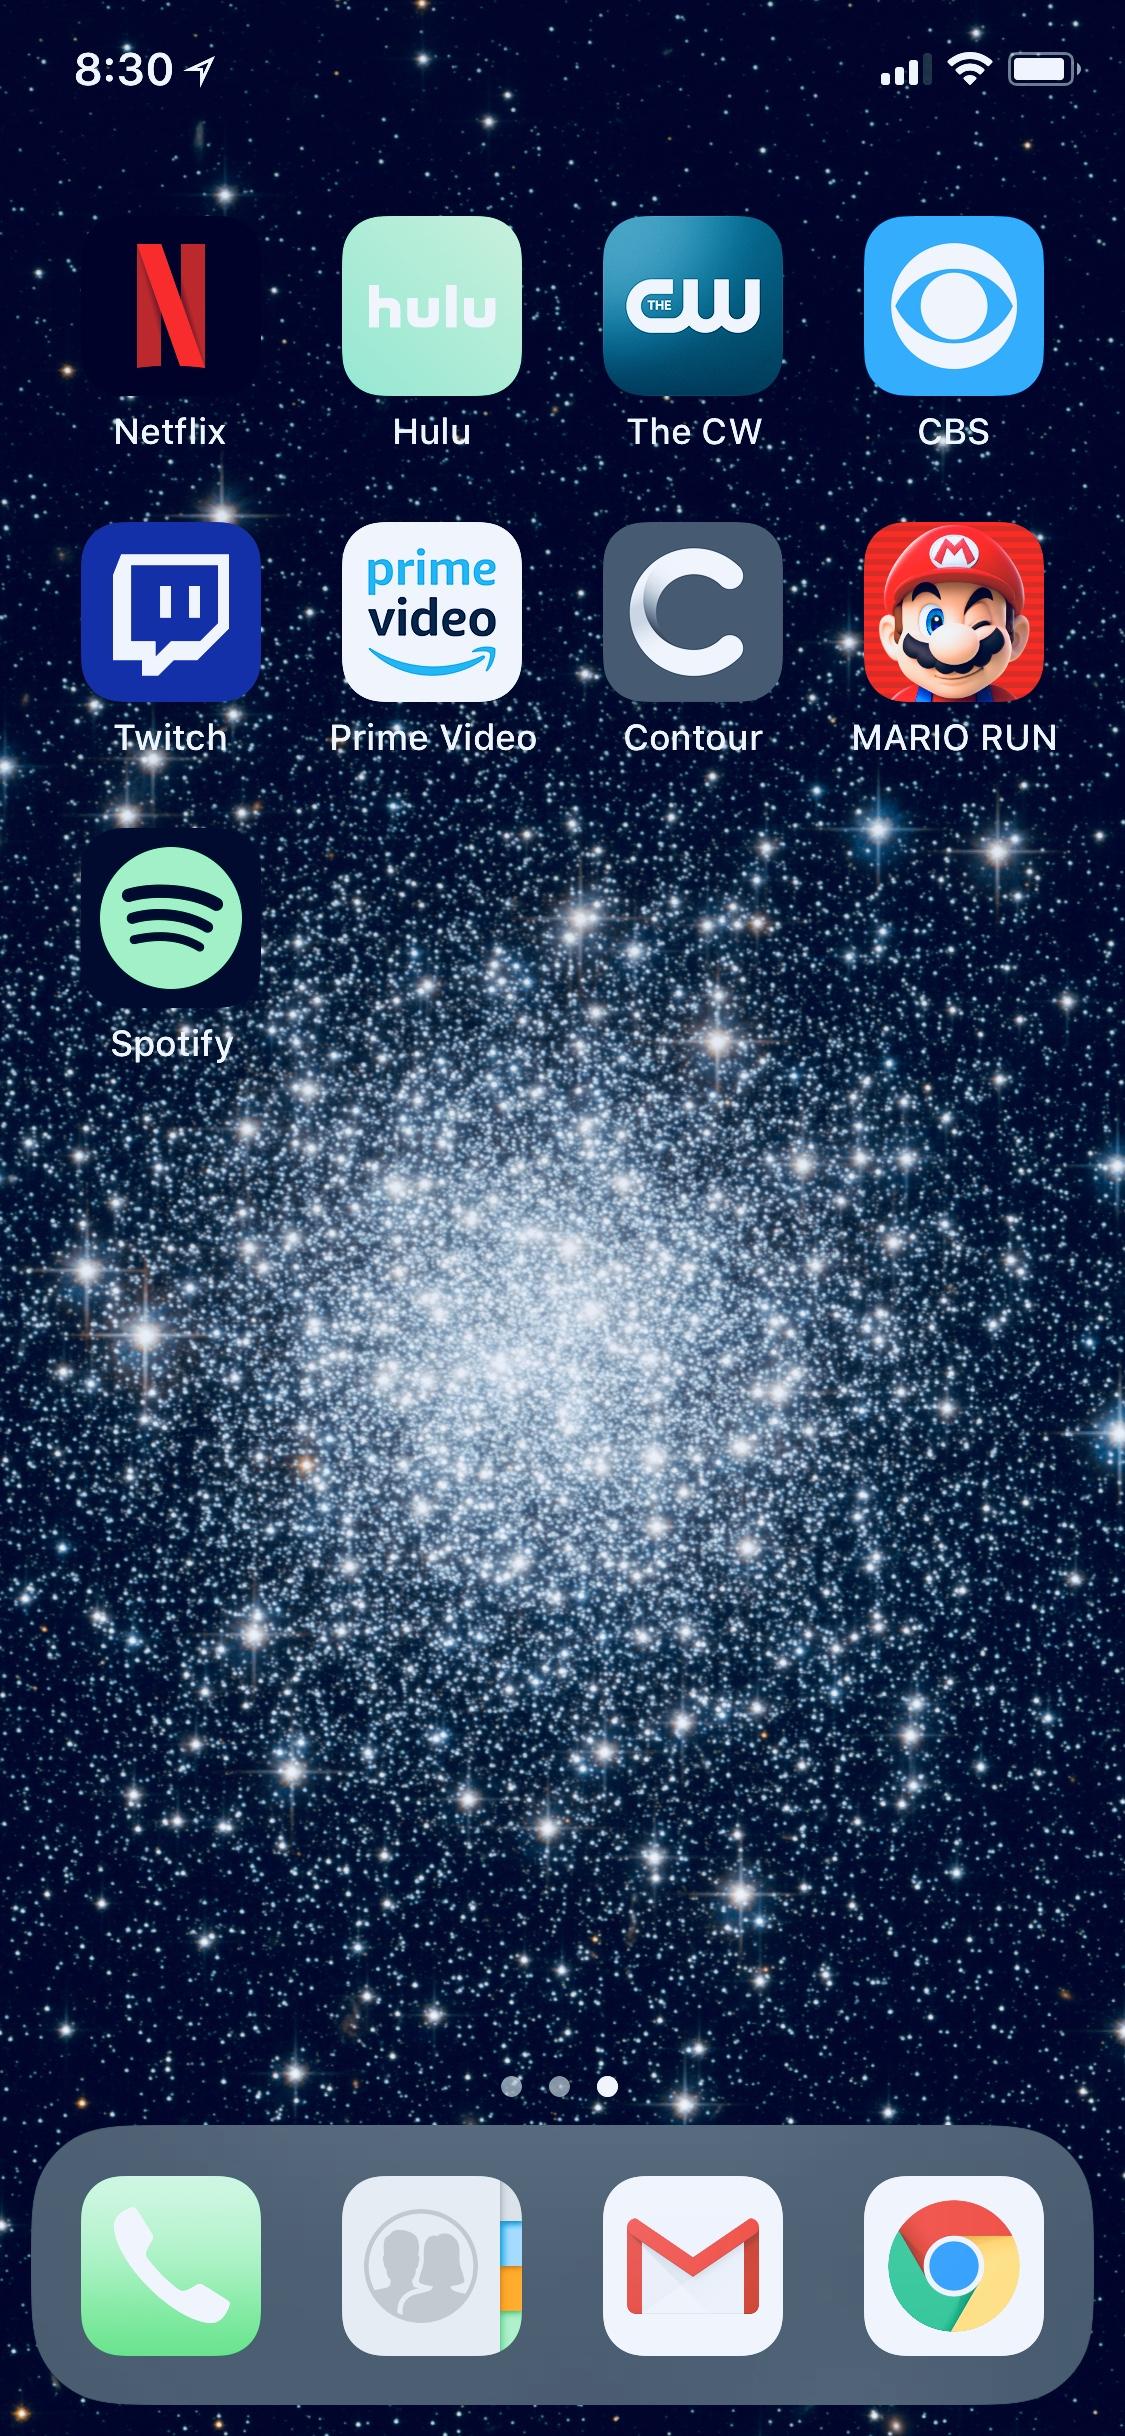 Download 52 Koleksi Wallpaper Iphone Oled HD Terbaru